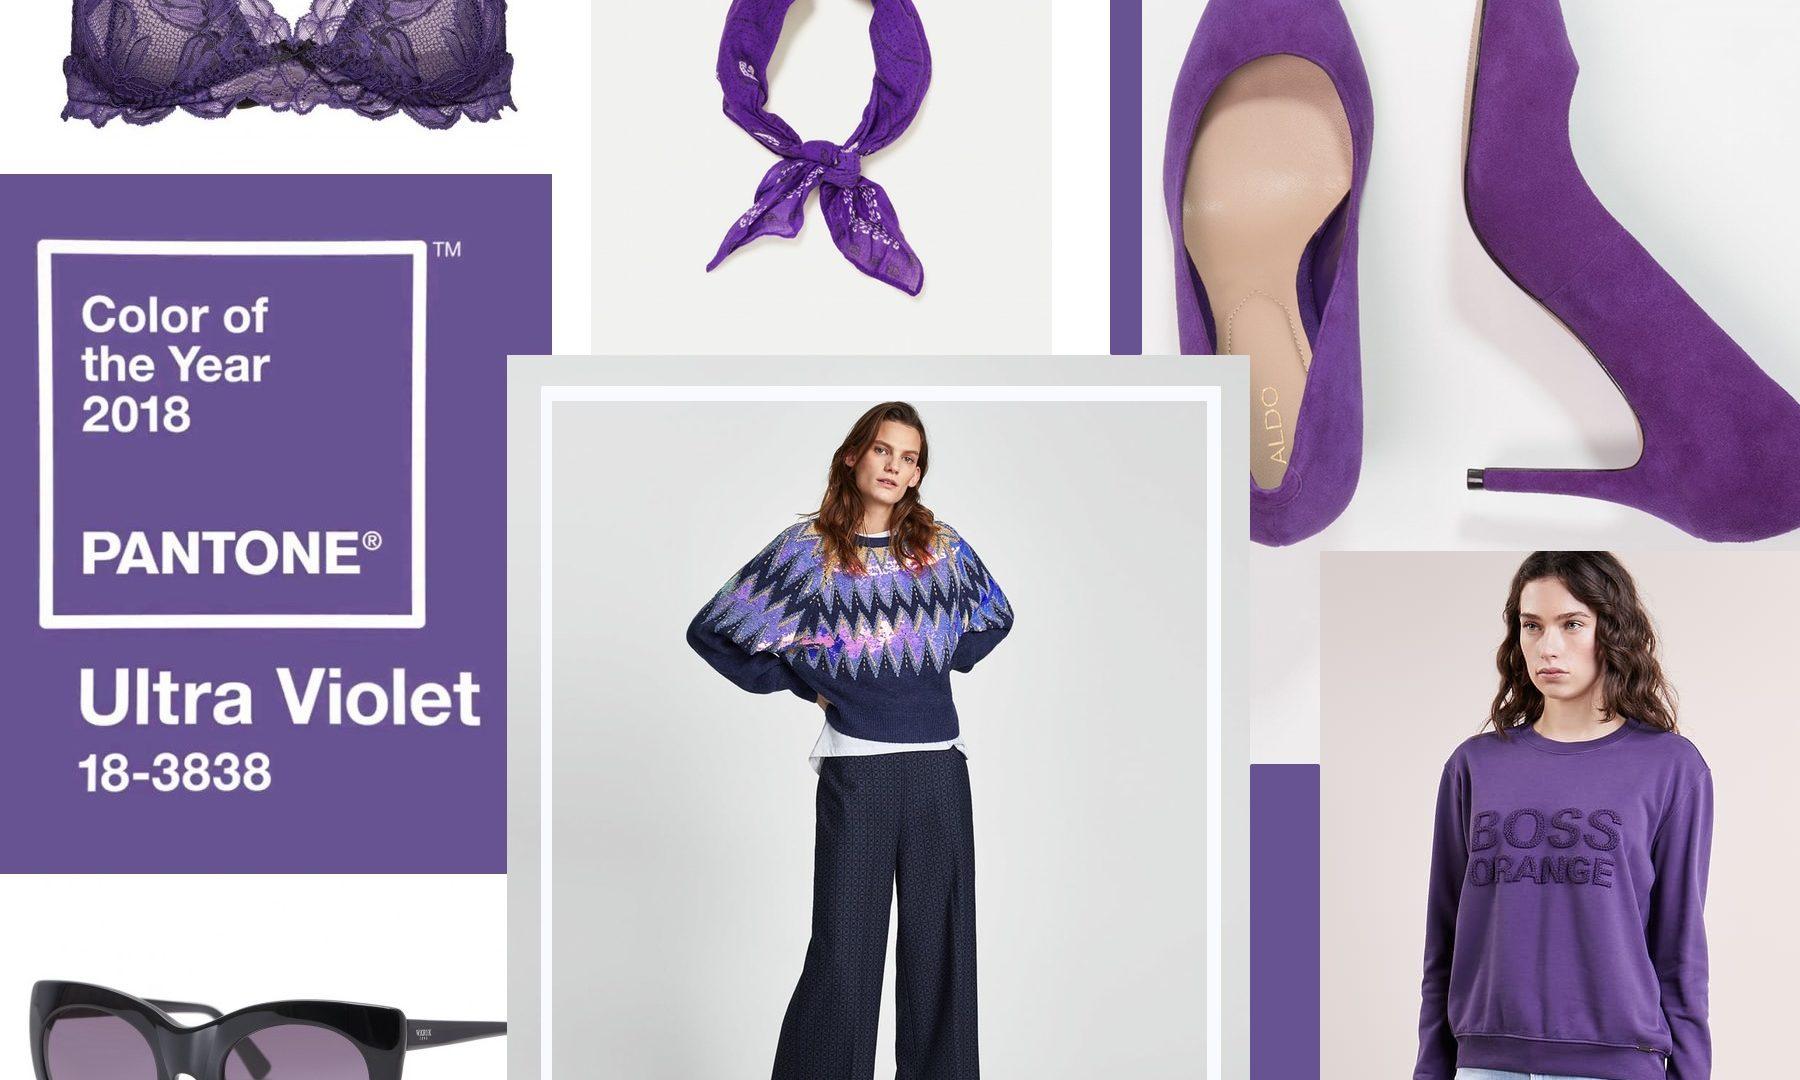 Co będzie modne wiosną 2018 roku?